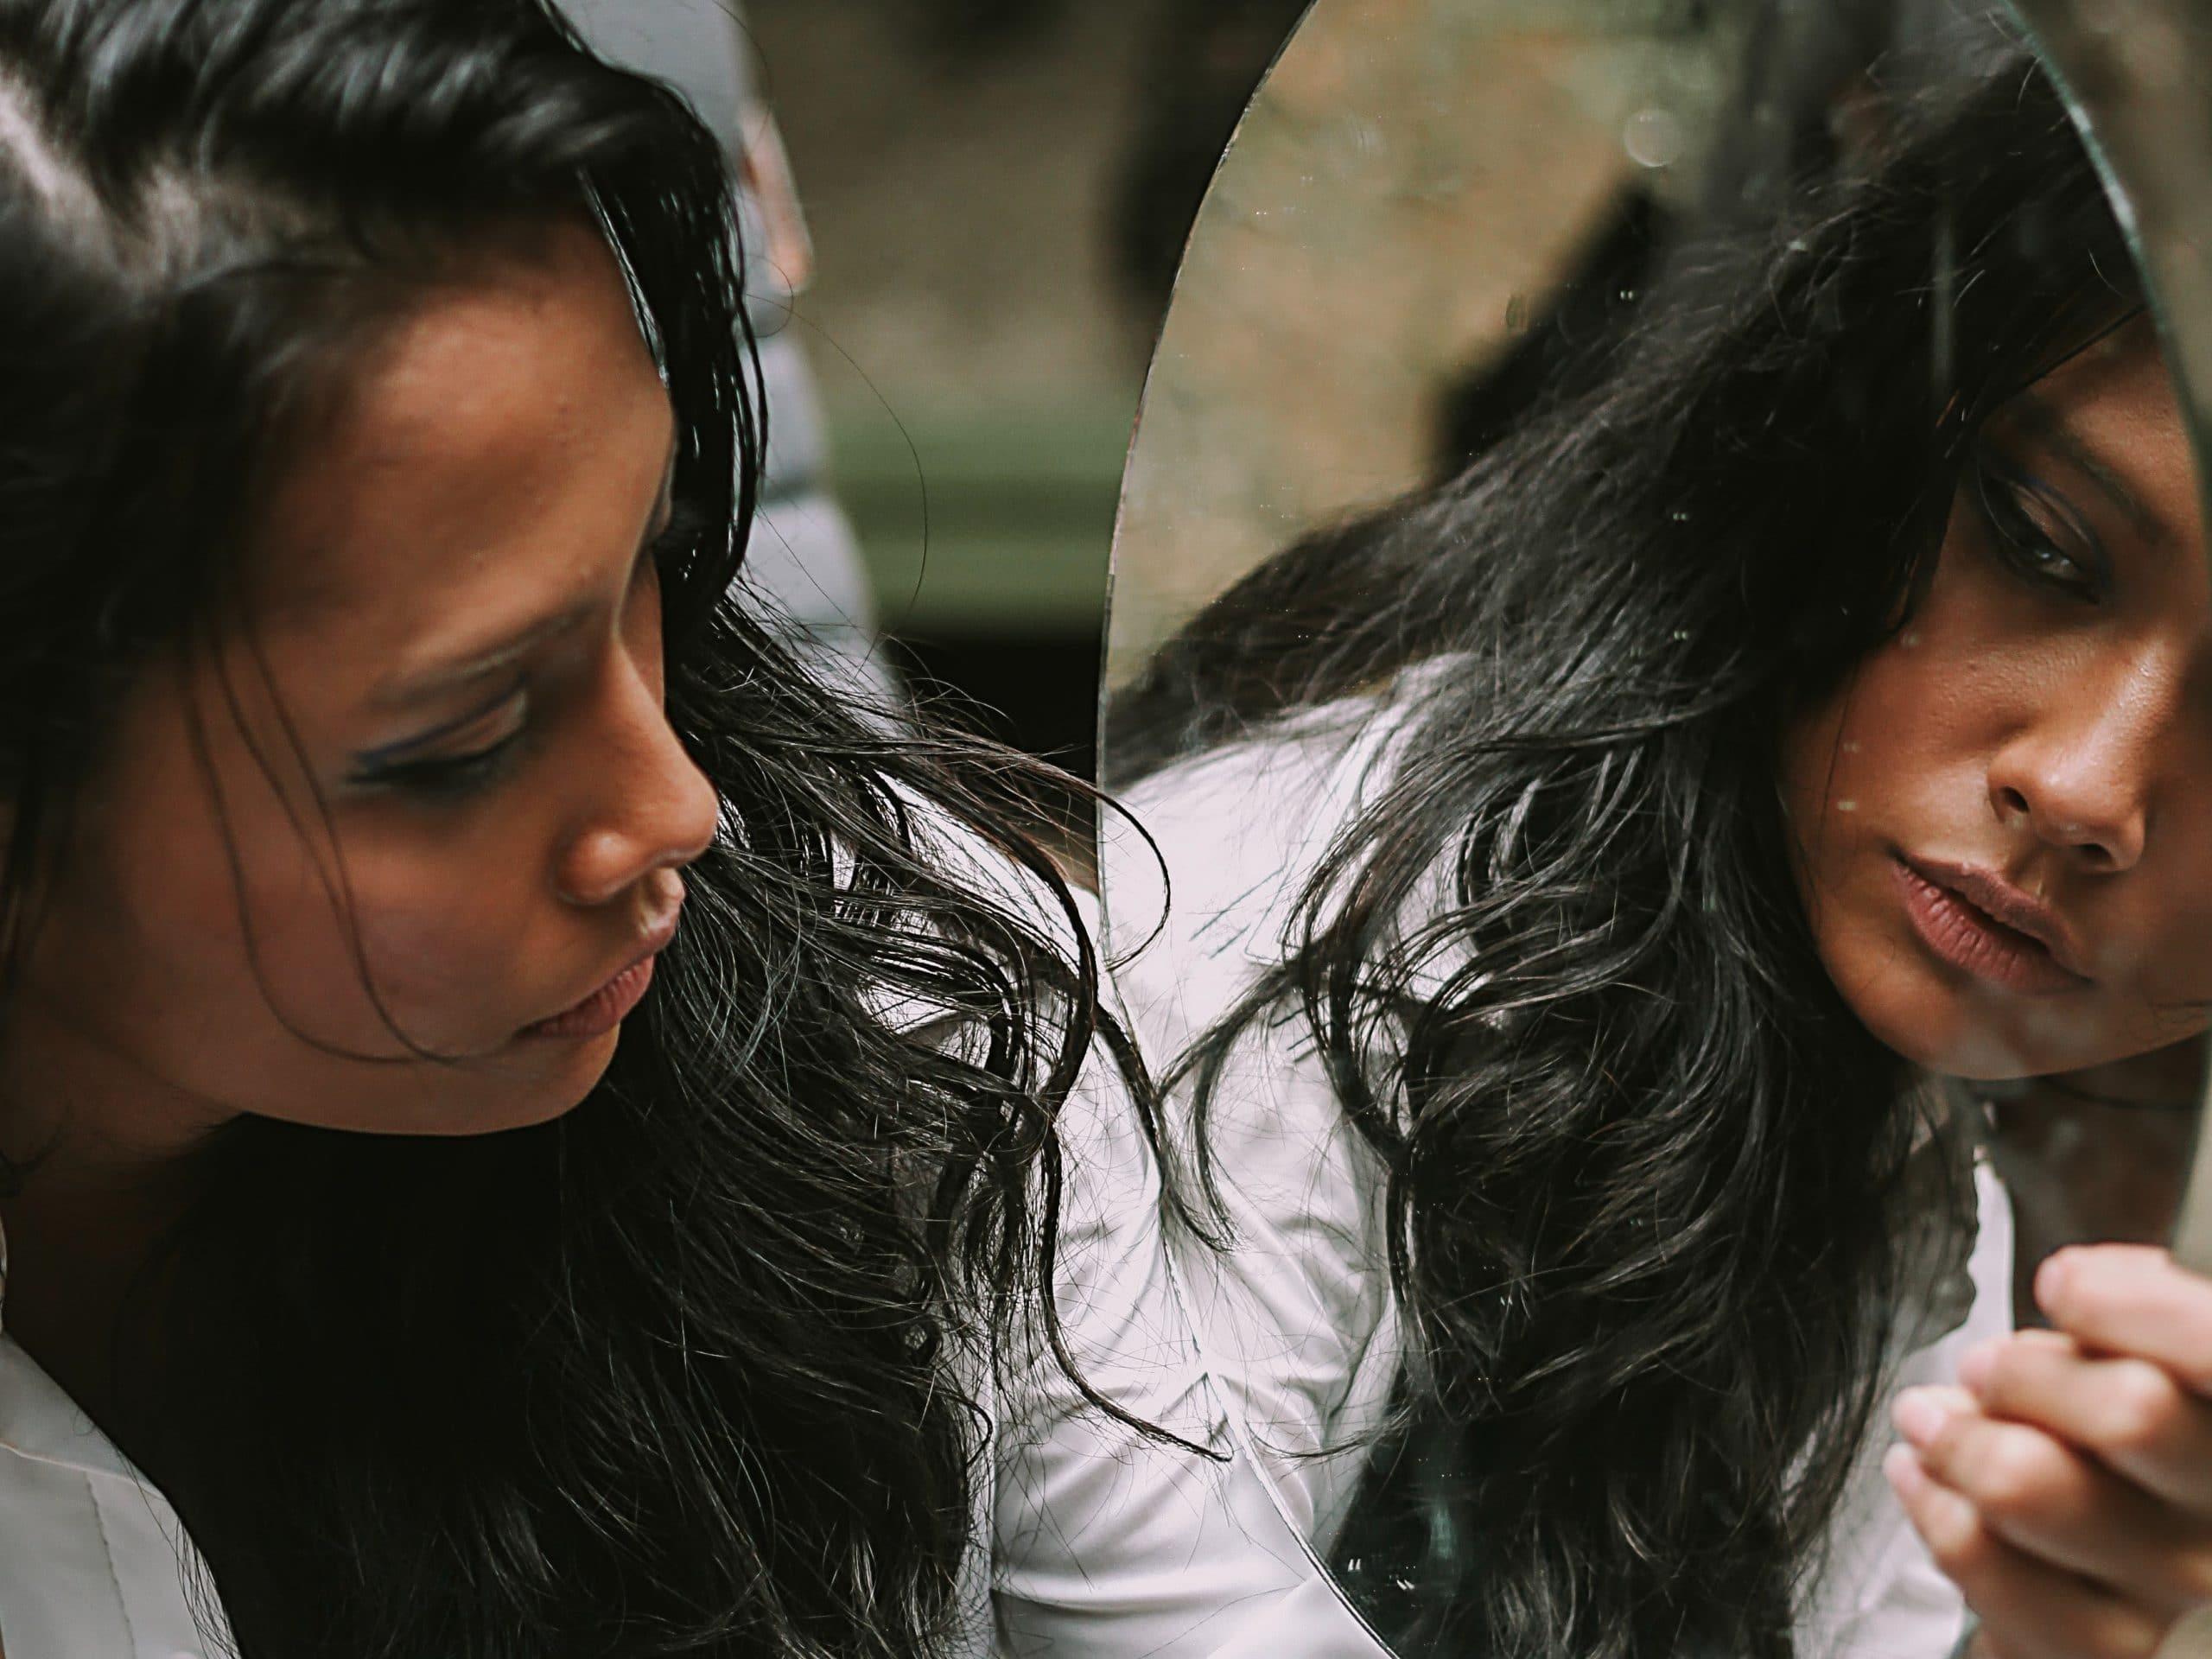 femme se regarde dans un miroir